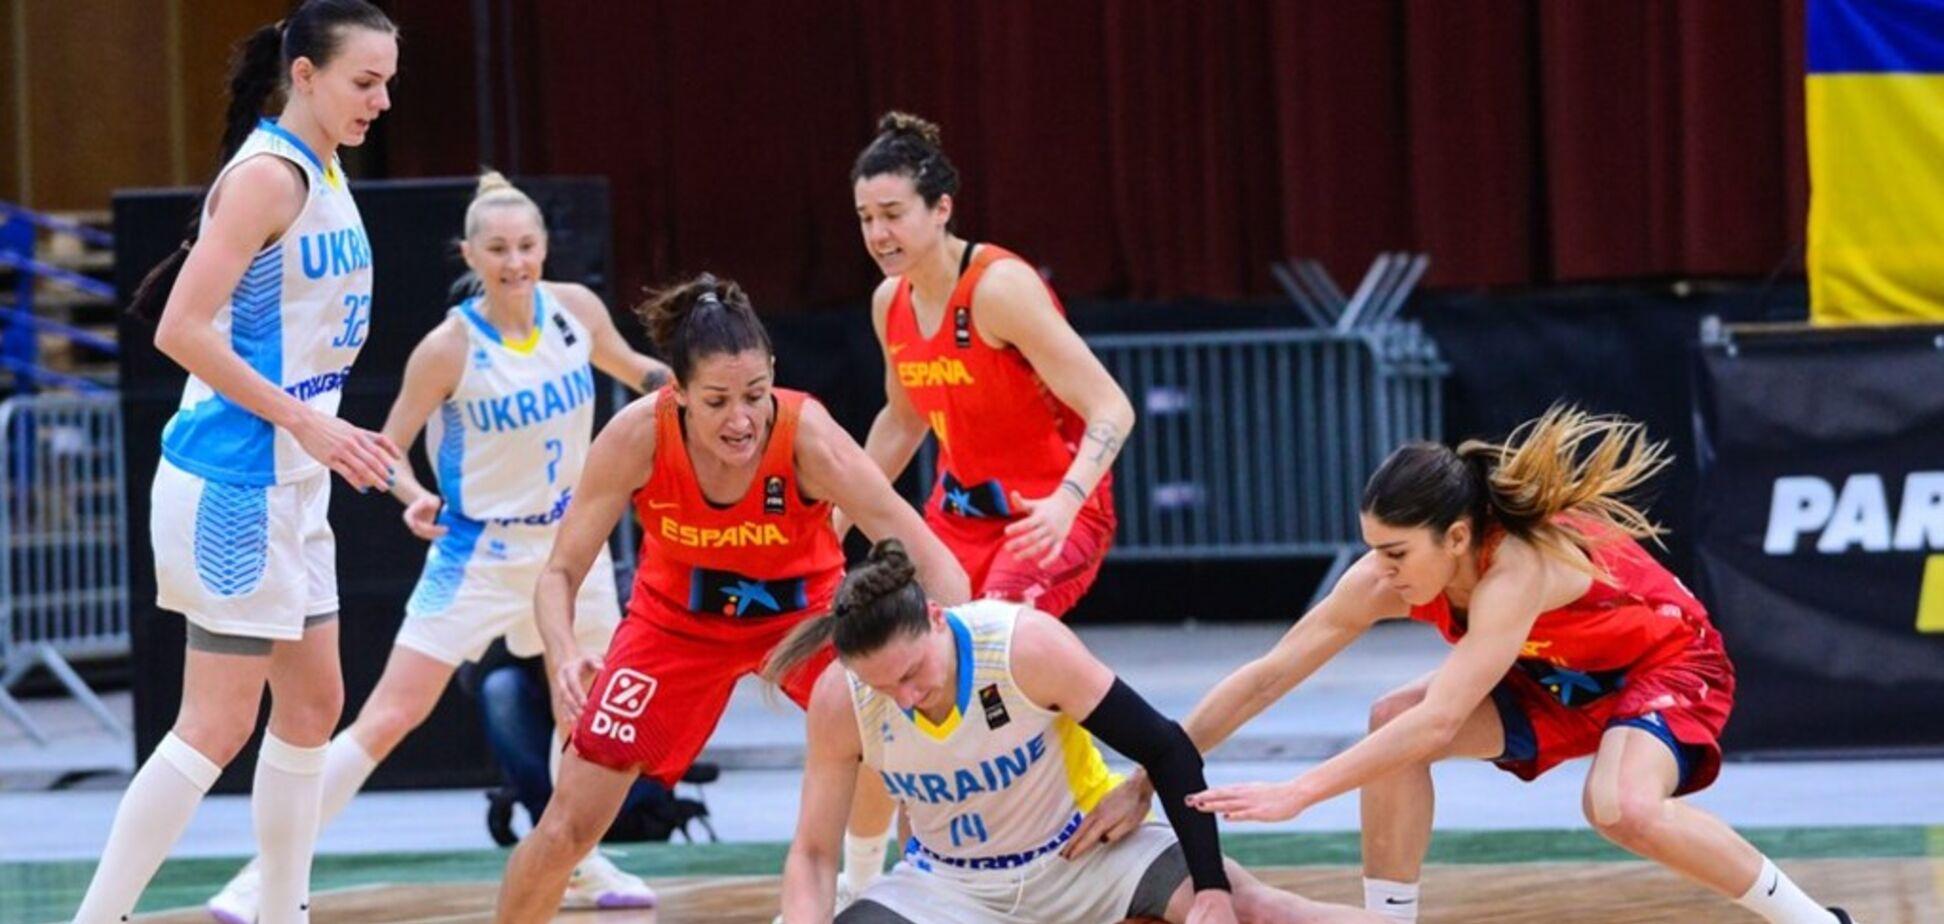 Украина – Испания: назван фаворит матча женского Евробаскета